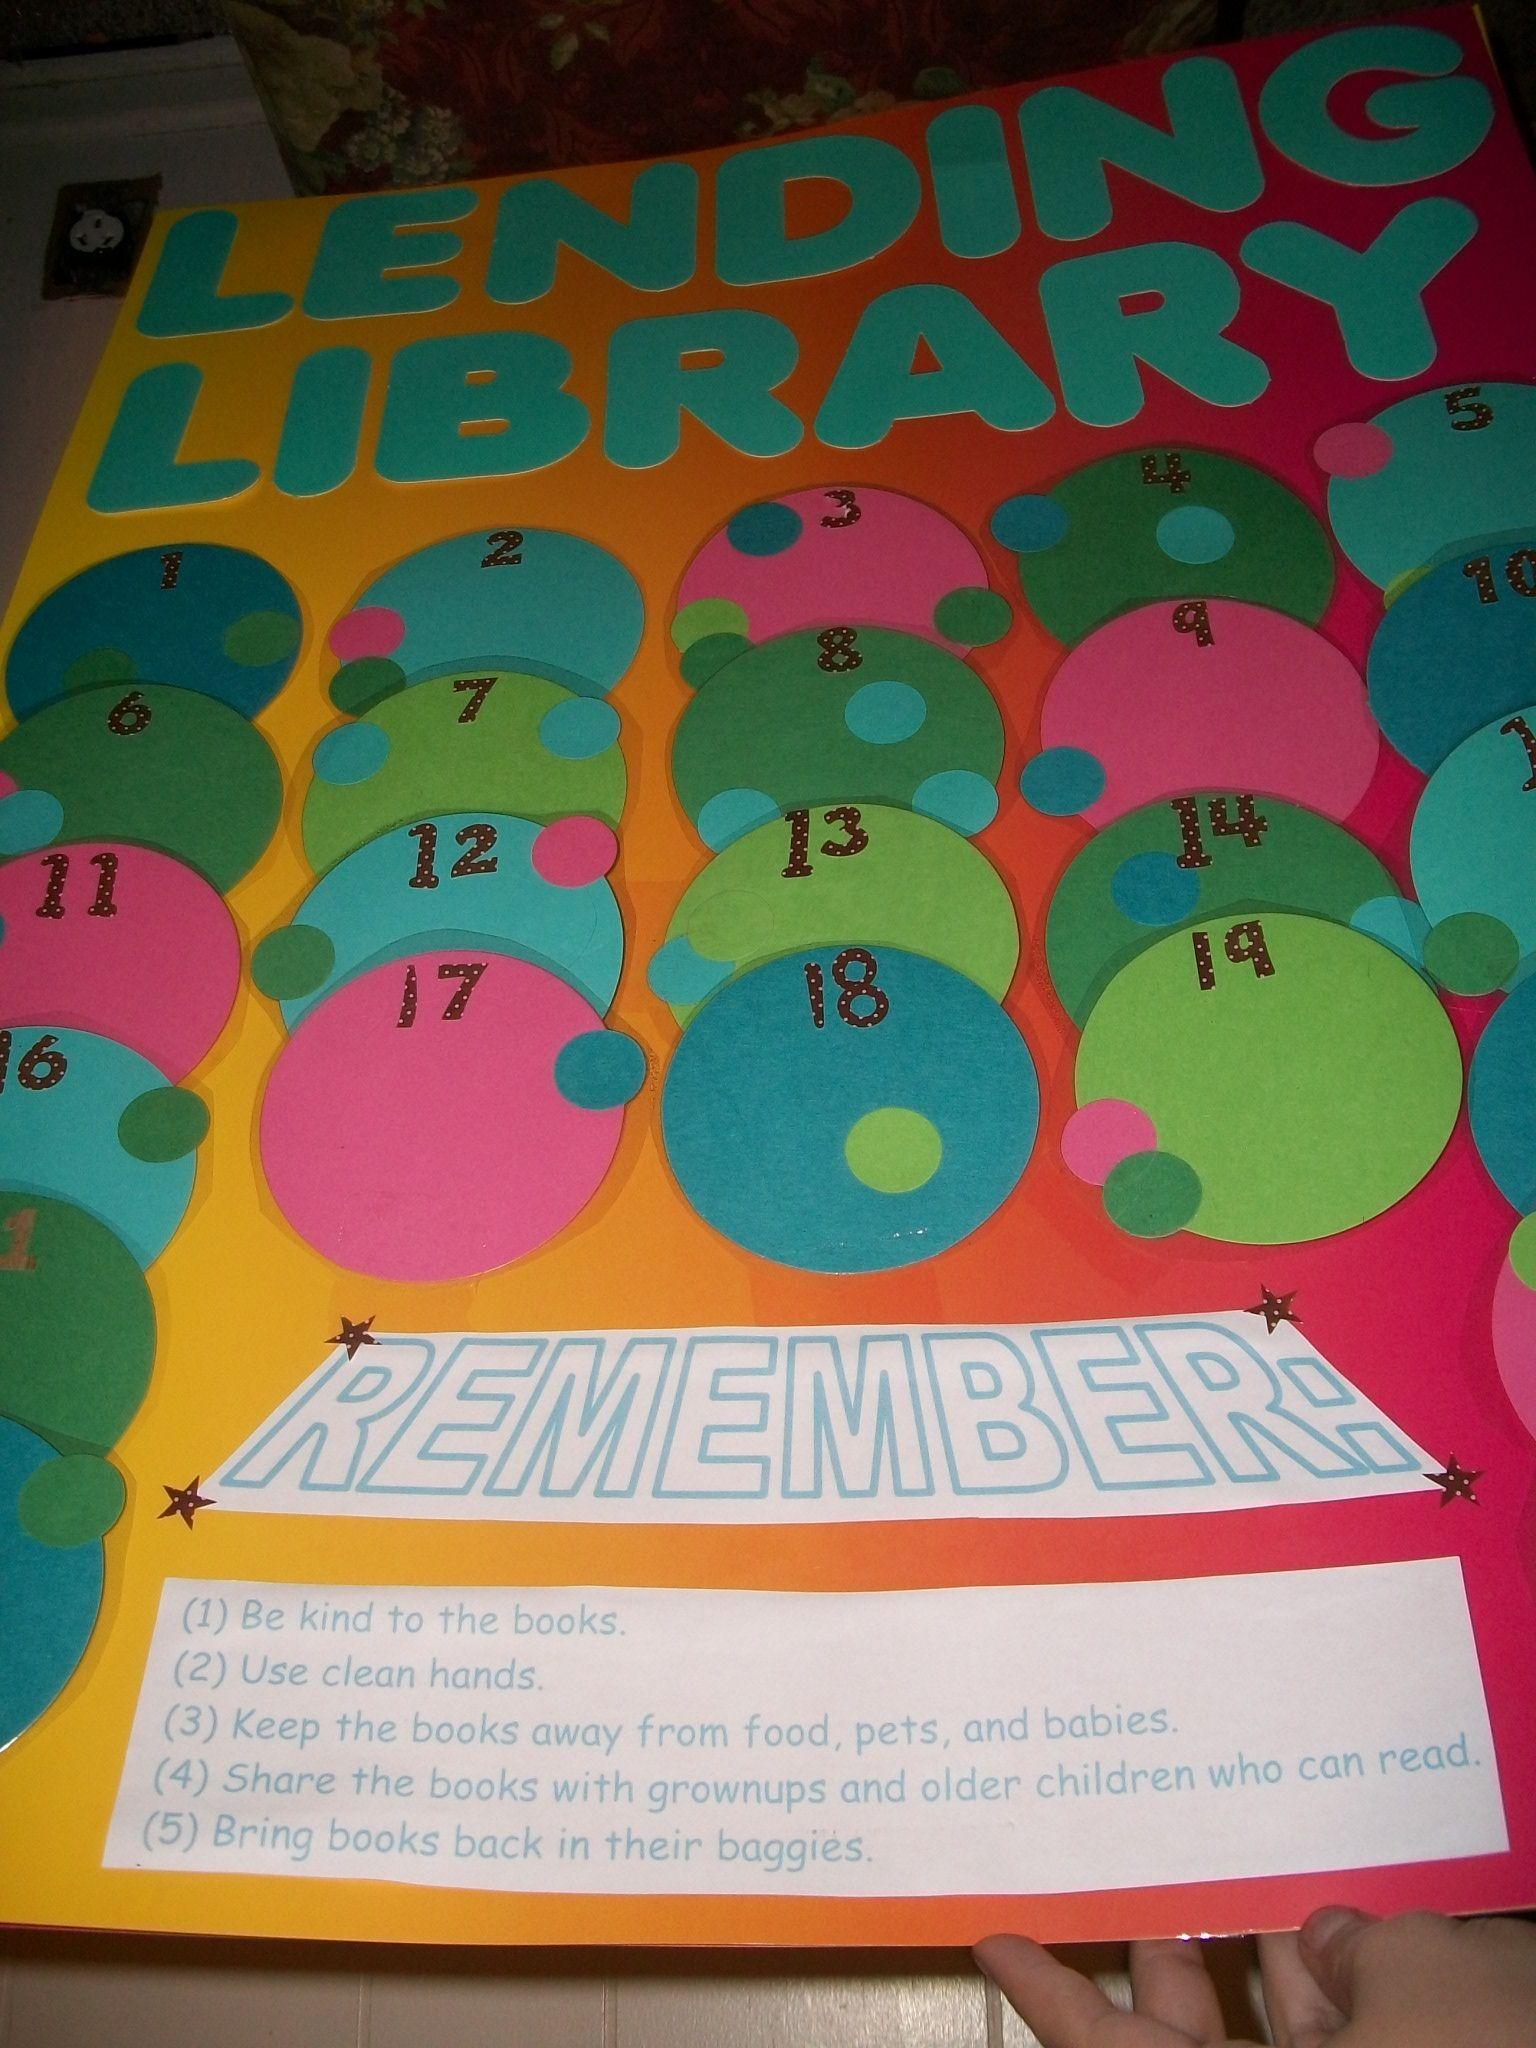 Lending Library Poster -rebekah . Webb 2012